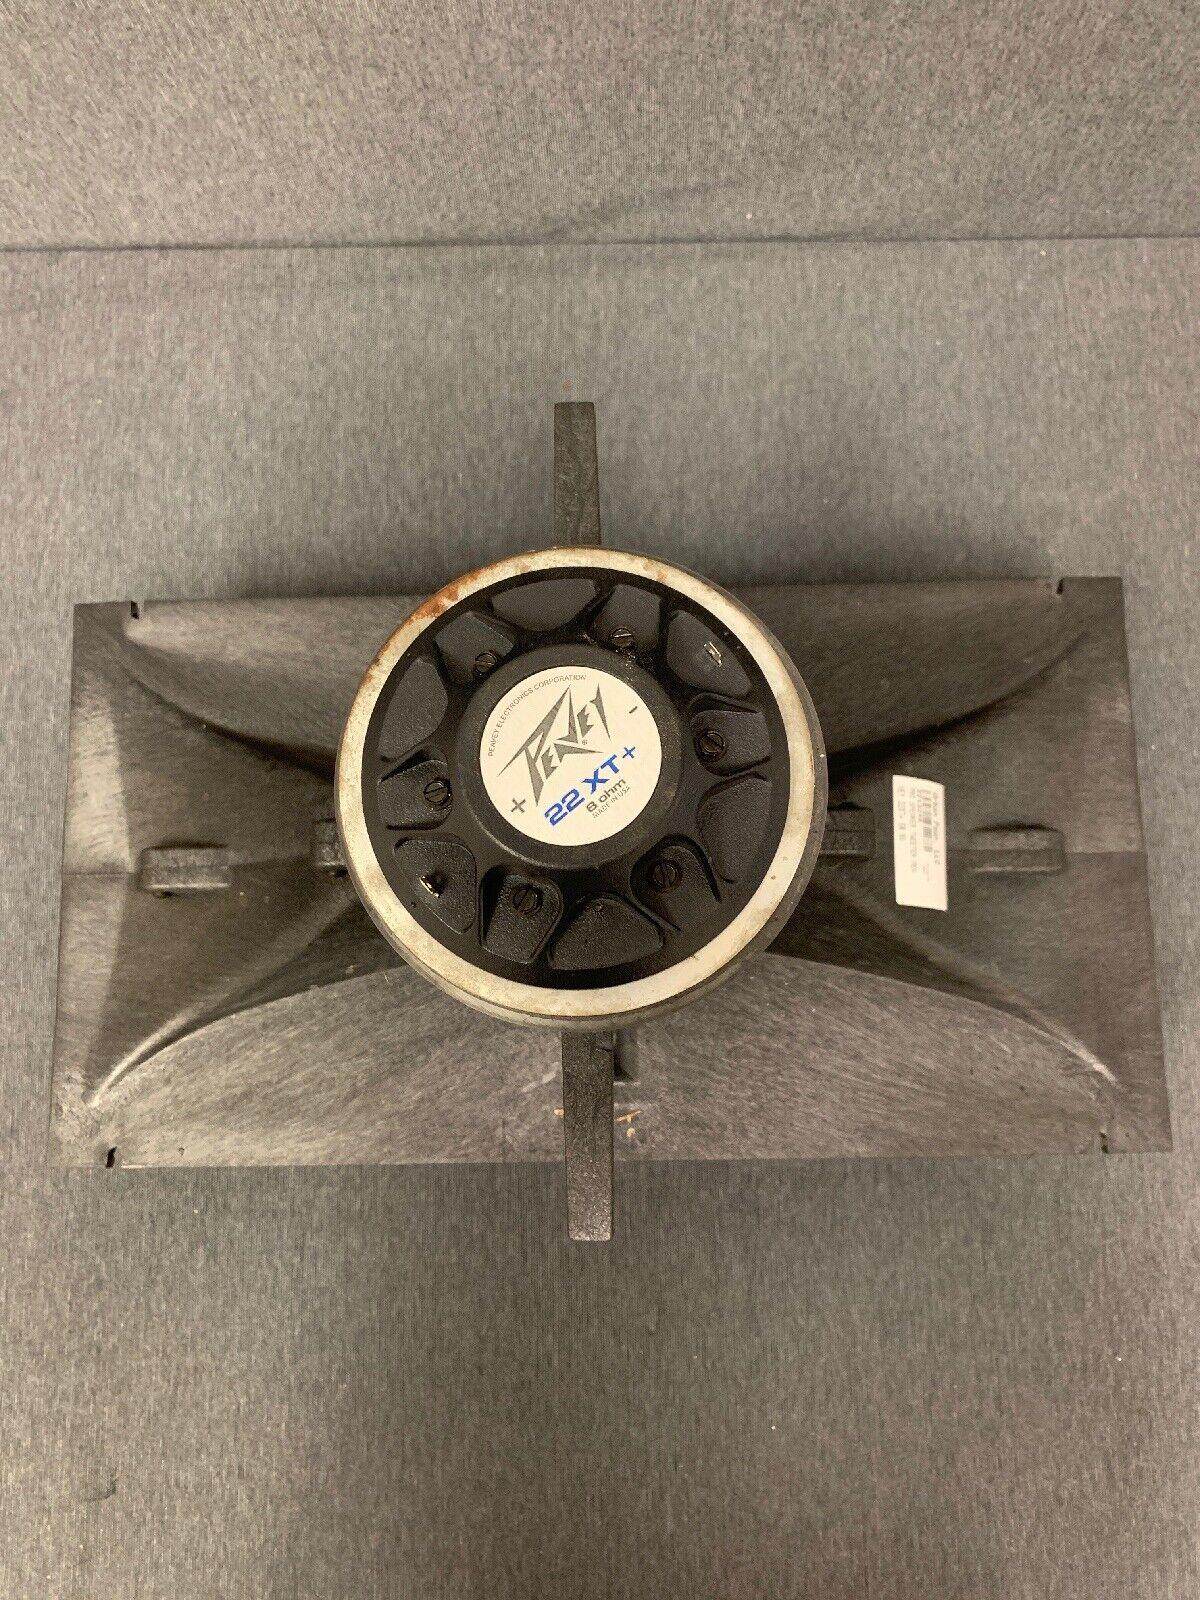 Peavey 22XT Rare Clean Original Tweeter Horn Speaker